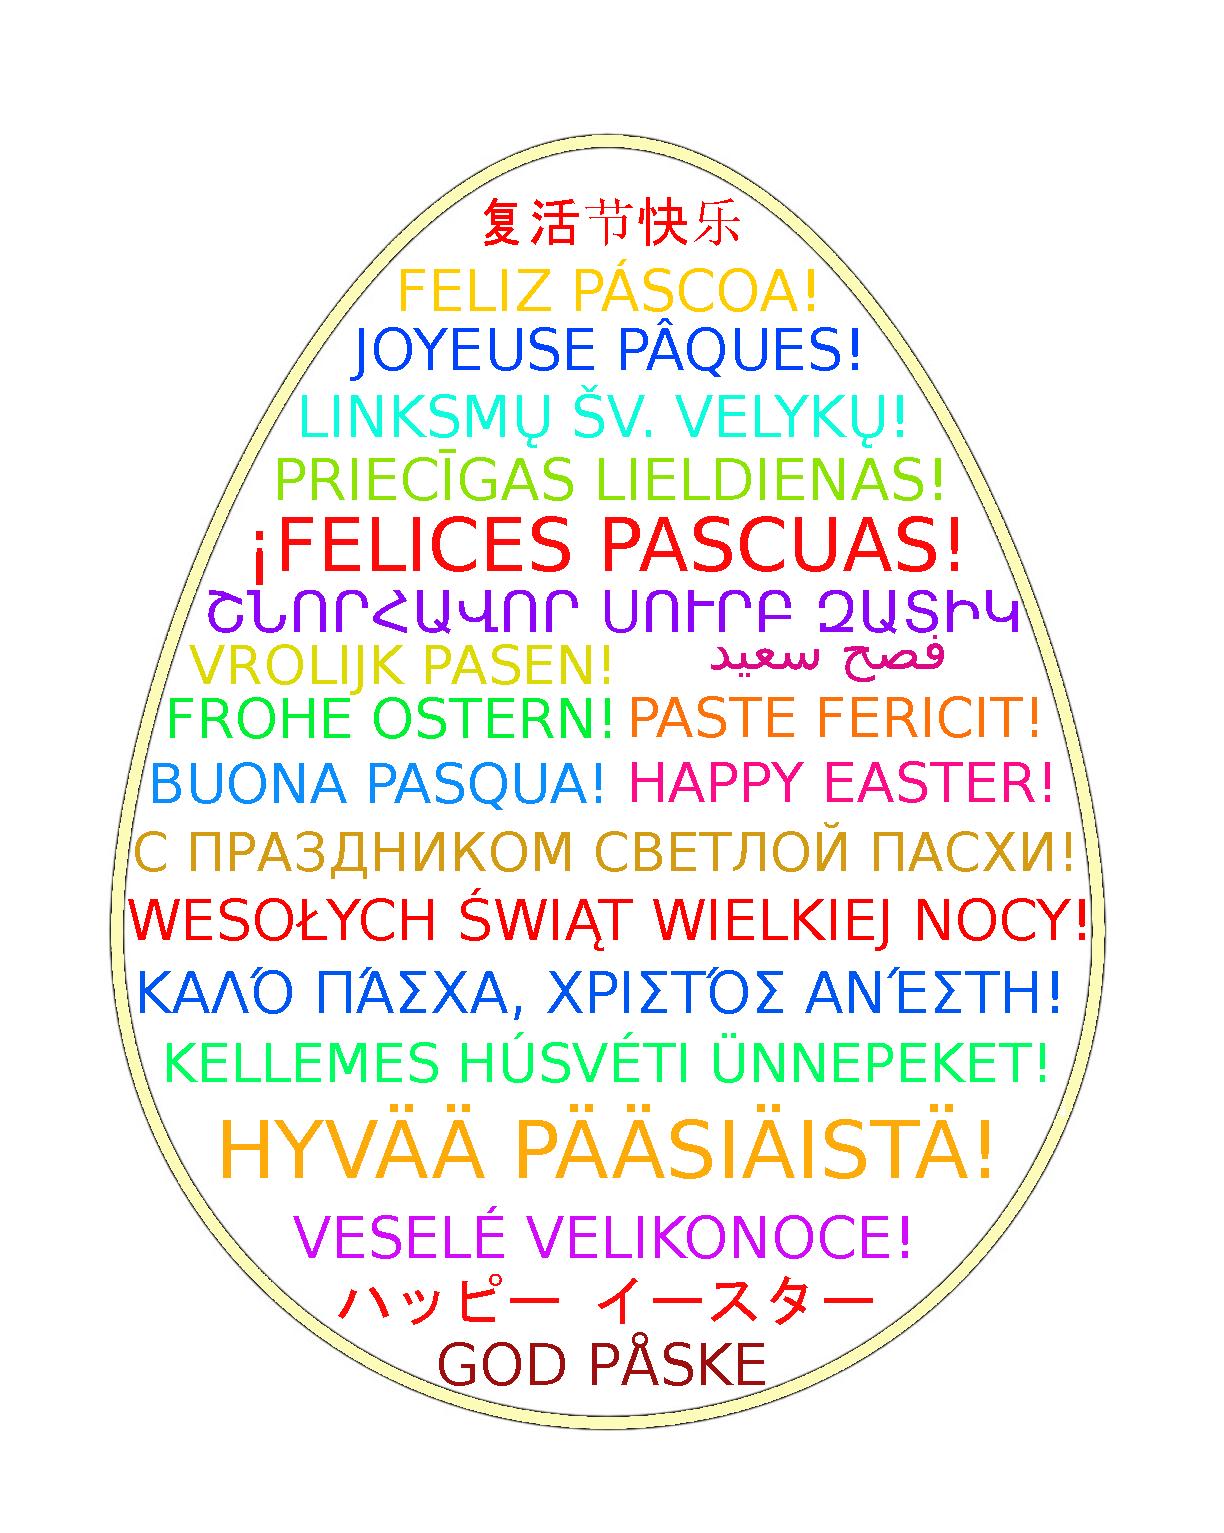 życzenia w 21 językach